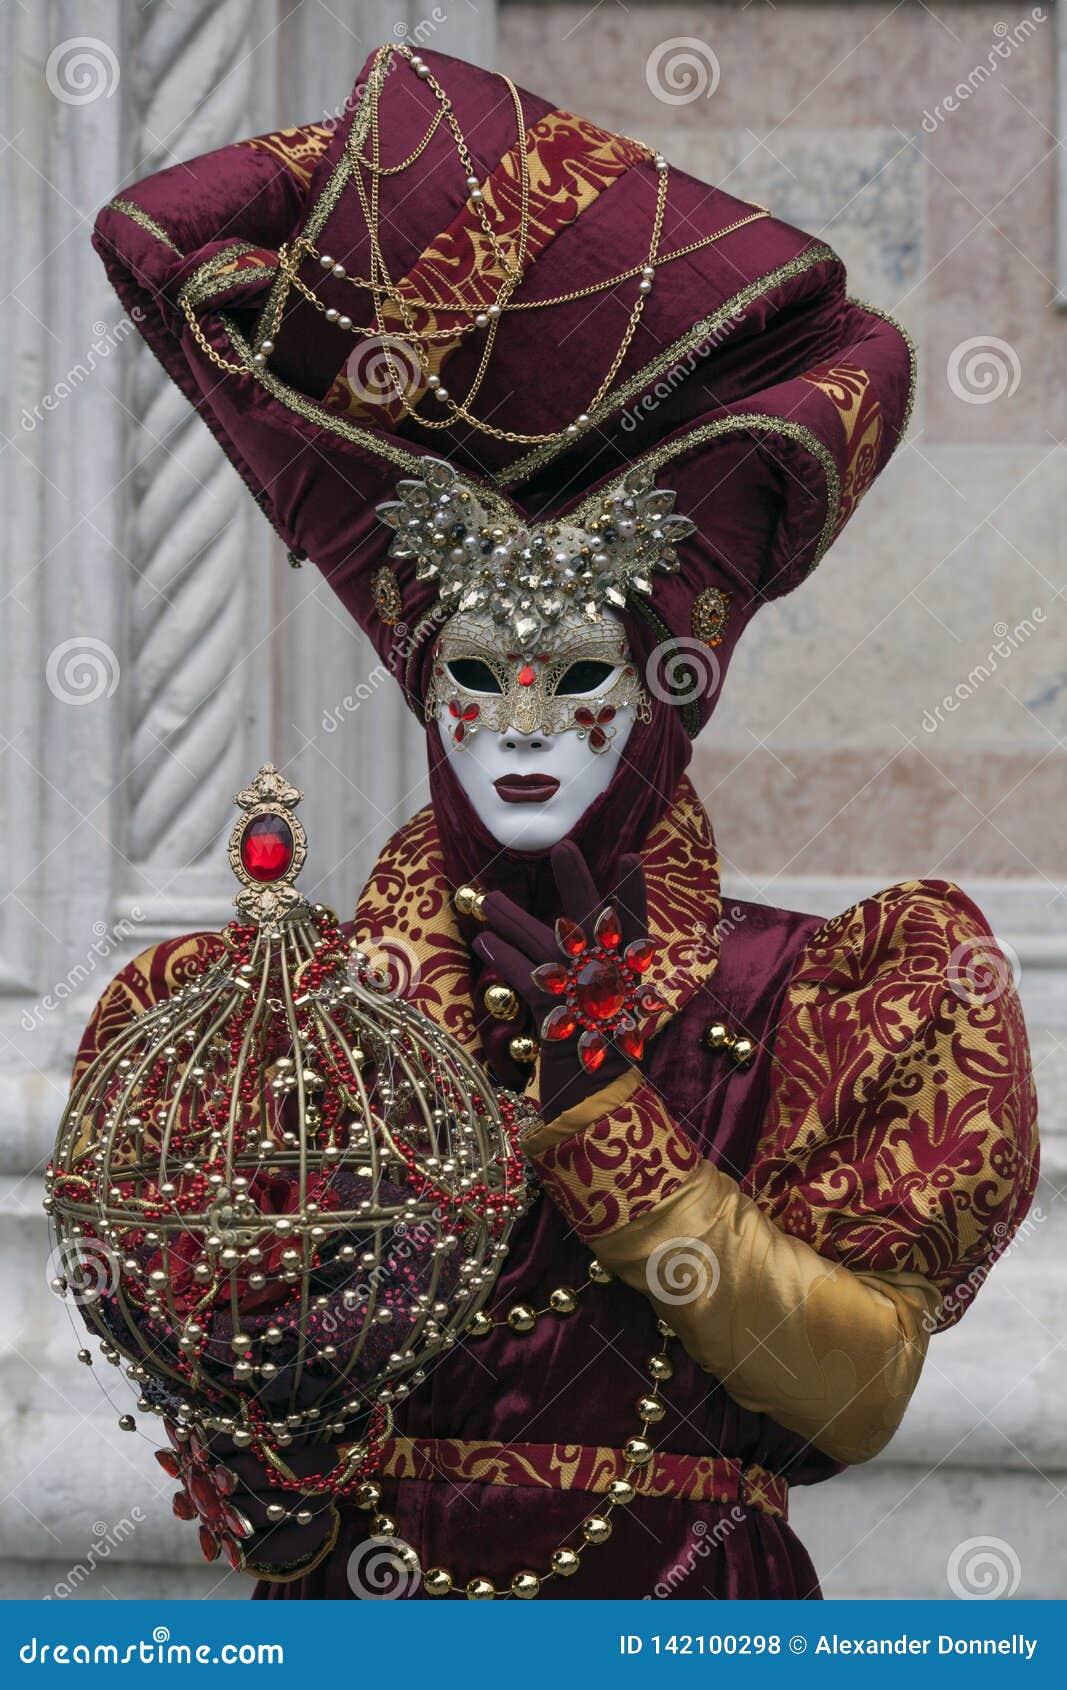 Ο χαρακτήρας της Βενετίας καρναβάλι έντυσε σε ένα ζωηρόχρωμες κόκκινες και χρυσές κοστούμι και μια μάσκα το Φεβρουάριο Βενετία Ιτ